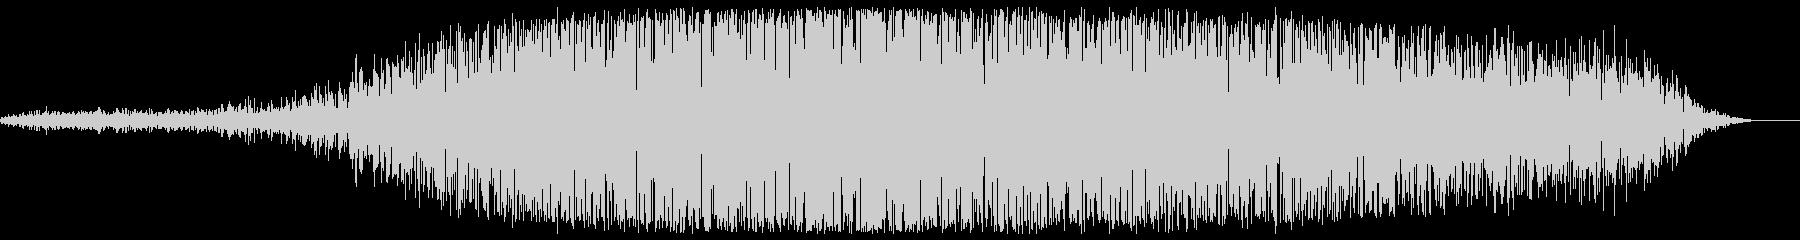 グオオオ(爆弾後の音)の未再生の波形